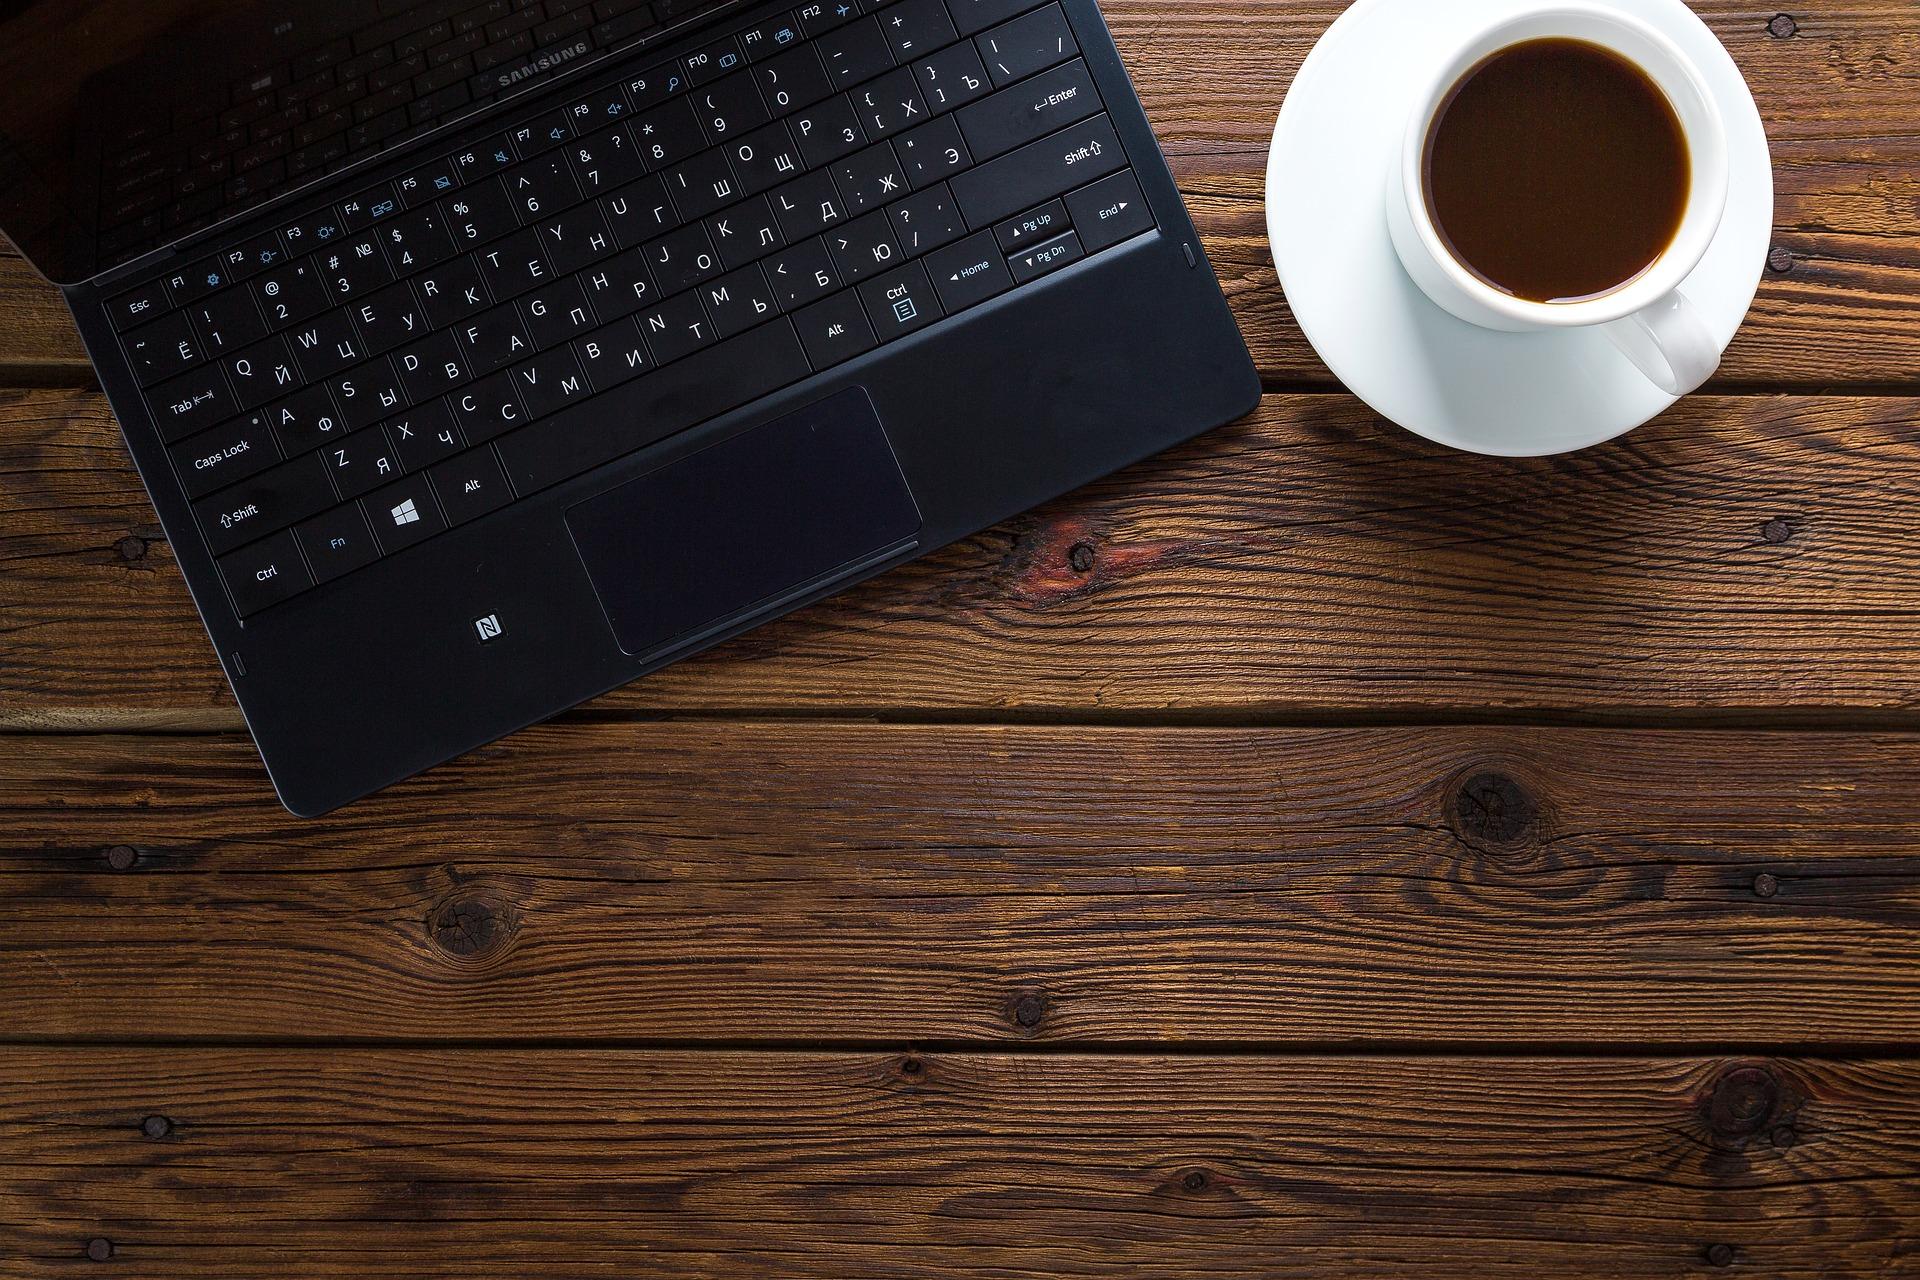 Un ordenador y una taza de café para elegir la mejor gestoría online